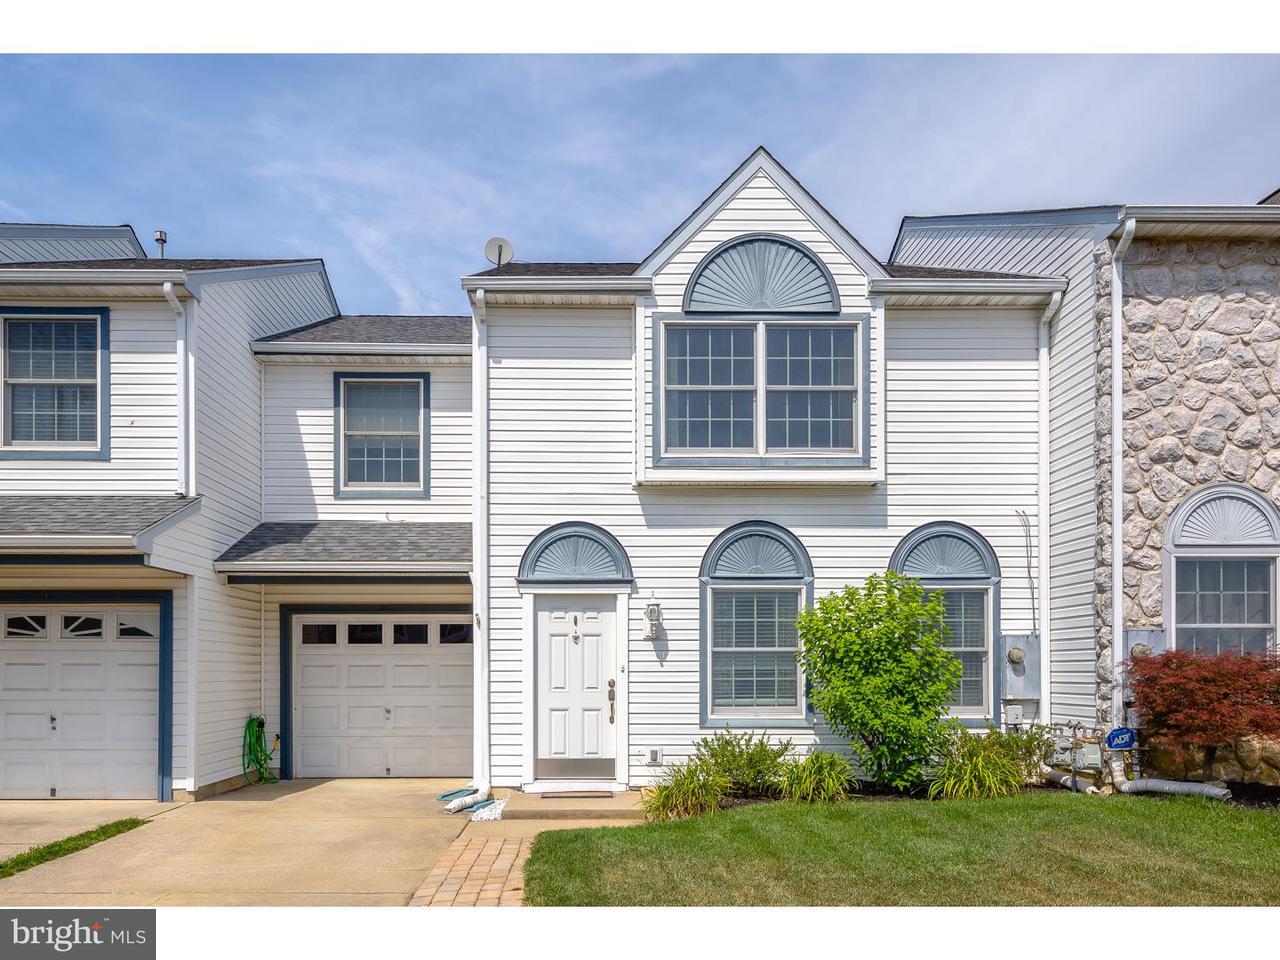 Casa unifamiliar adosada (Townhouse) por un Alquiler en 11 SHADY BROOKE Lane Logan Township, Nueva Jersey 08085 Estados Unidos